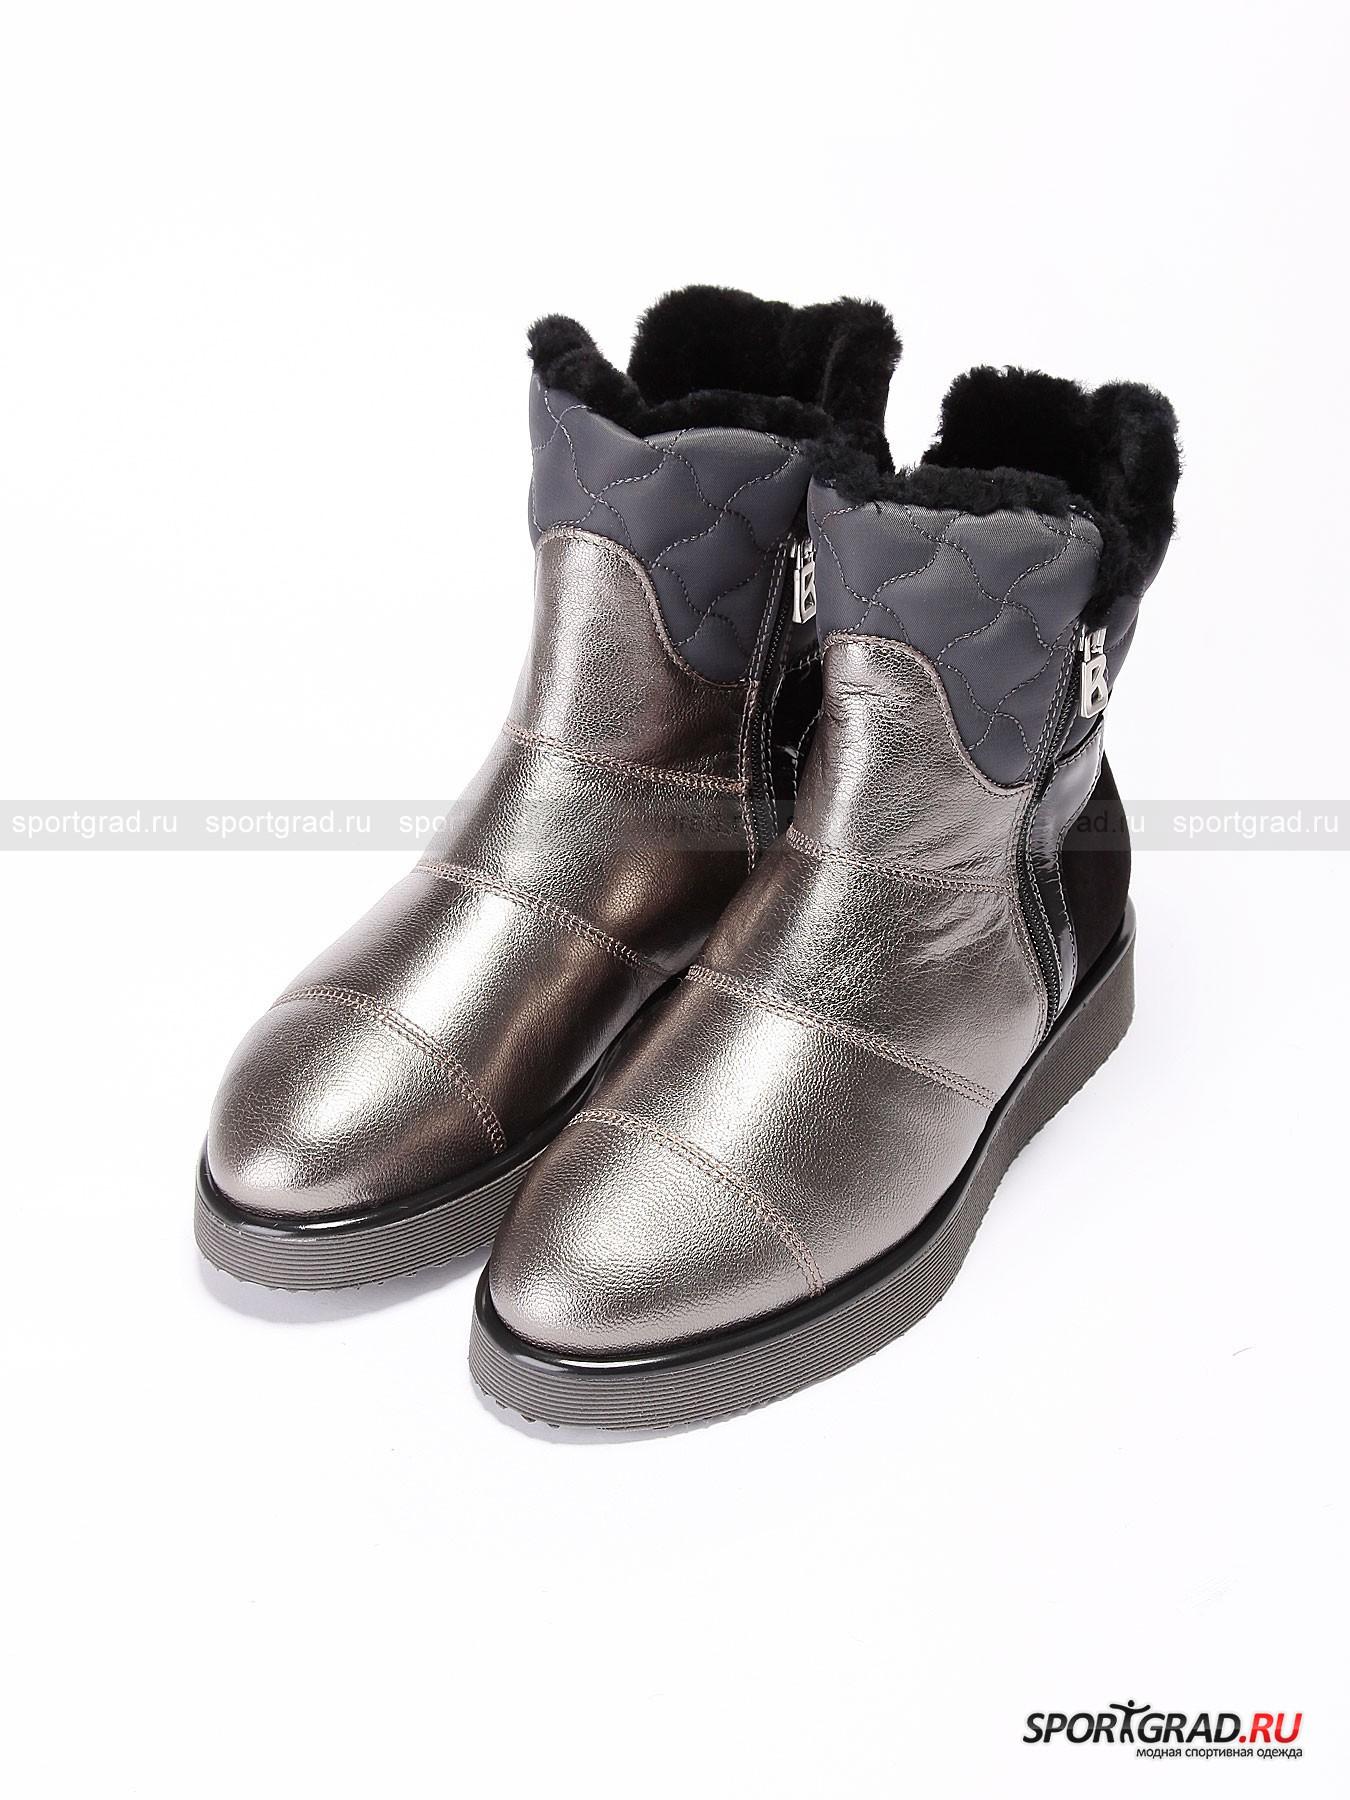 Женские ботинки BOGNER Oslo 1Ботинки<br>Знаменитый немецкий бренд Bogner производит не только качественную и практичную одежду для занятия горнолыжным спортом. Есть в линейке бренда и целая линия обувь для повседневной носки в условиях города.<br><br>В холодное время года особенно ценится обувь с высокой колодкой, а женские ботинки Oslo 1, помимо этого, обладают еще и внутренней отделкой мехом. Это автоматически делает их желанными для всех женщин, предпочитающих в первую очередь тепло и уют. При этом элегантный внешний вид обуви и качество используемых материалов изготовления удовлетворит требованиям самой искушенной публики.<br><br>•Застежка на молнии с обеих сторон<br>•Высокая резиновая подошва<br>•Съемная амортизирующая стелька<br>•Фирменный логотип <br>•В комплект входит специальный мешок для обуви<br><br>Пол: Женский<br>Возраст: Взрослый<br>Тип: Ботинки<br>Состав: Кожа, замша, синтетика, подошва - резина.